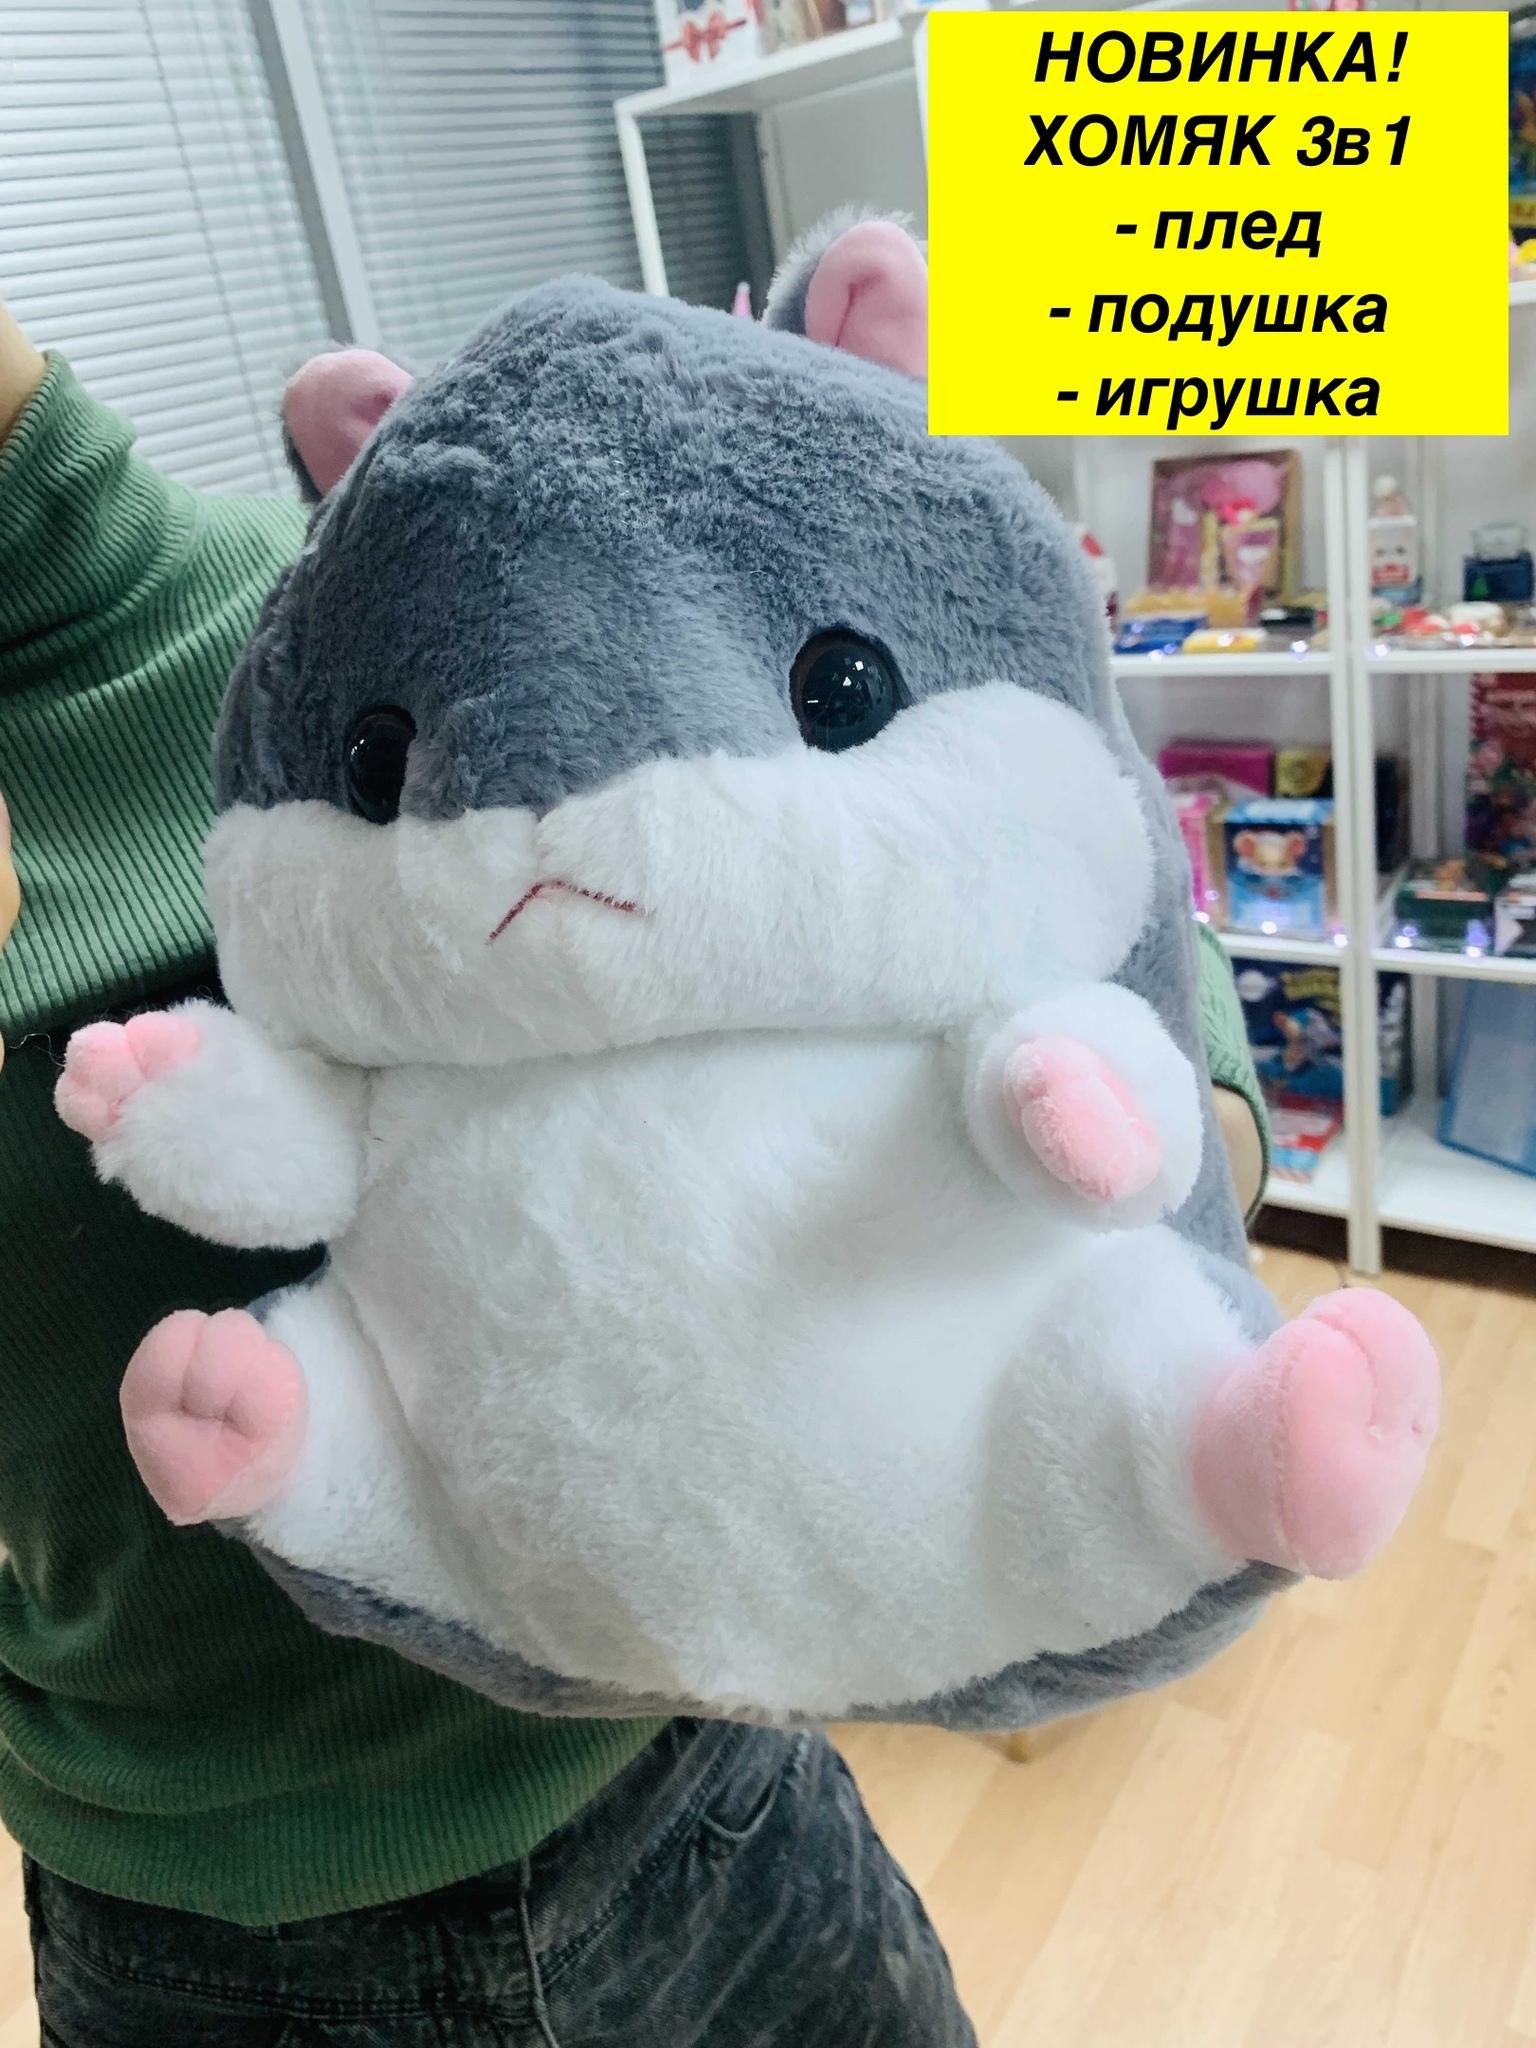 Хомяк плед 3в1 игрушка подушка с карманами для рук